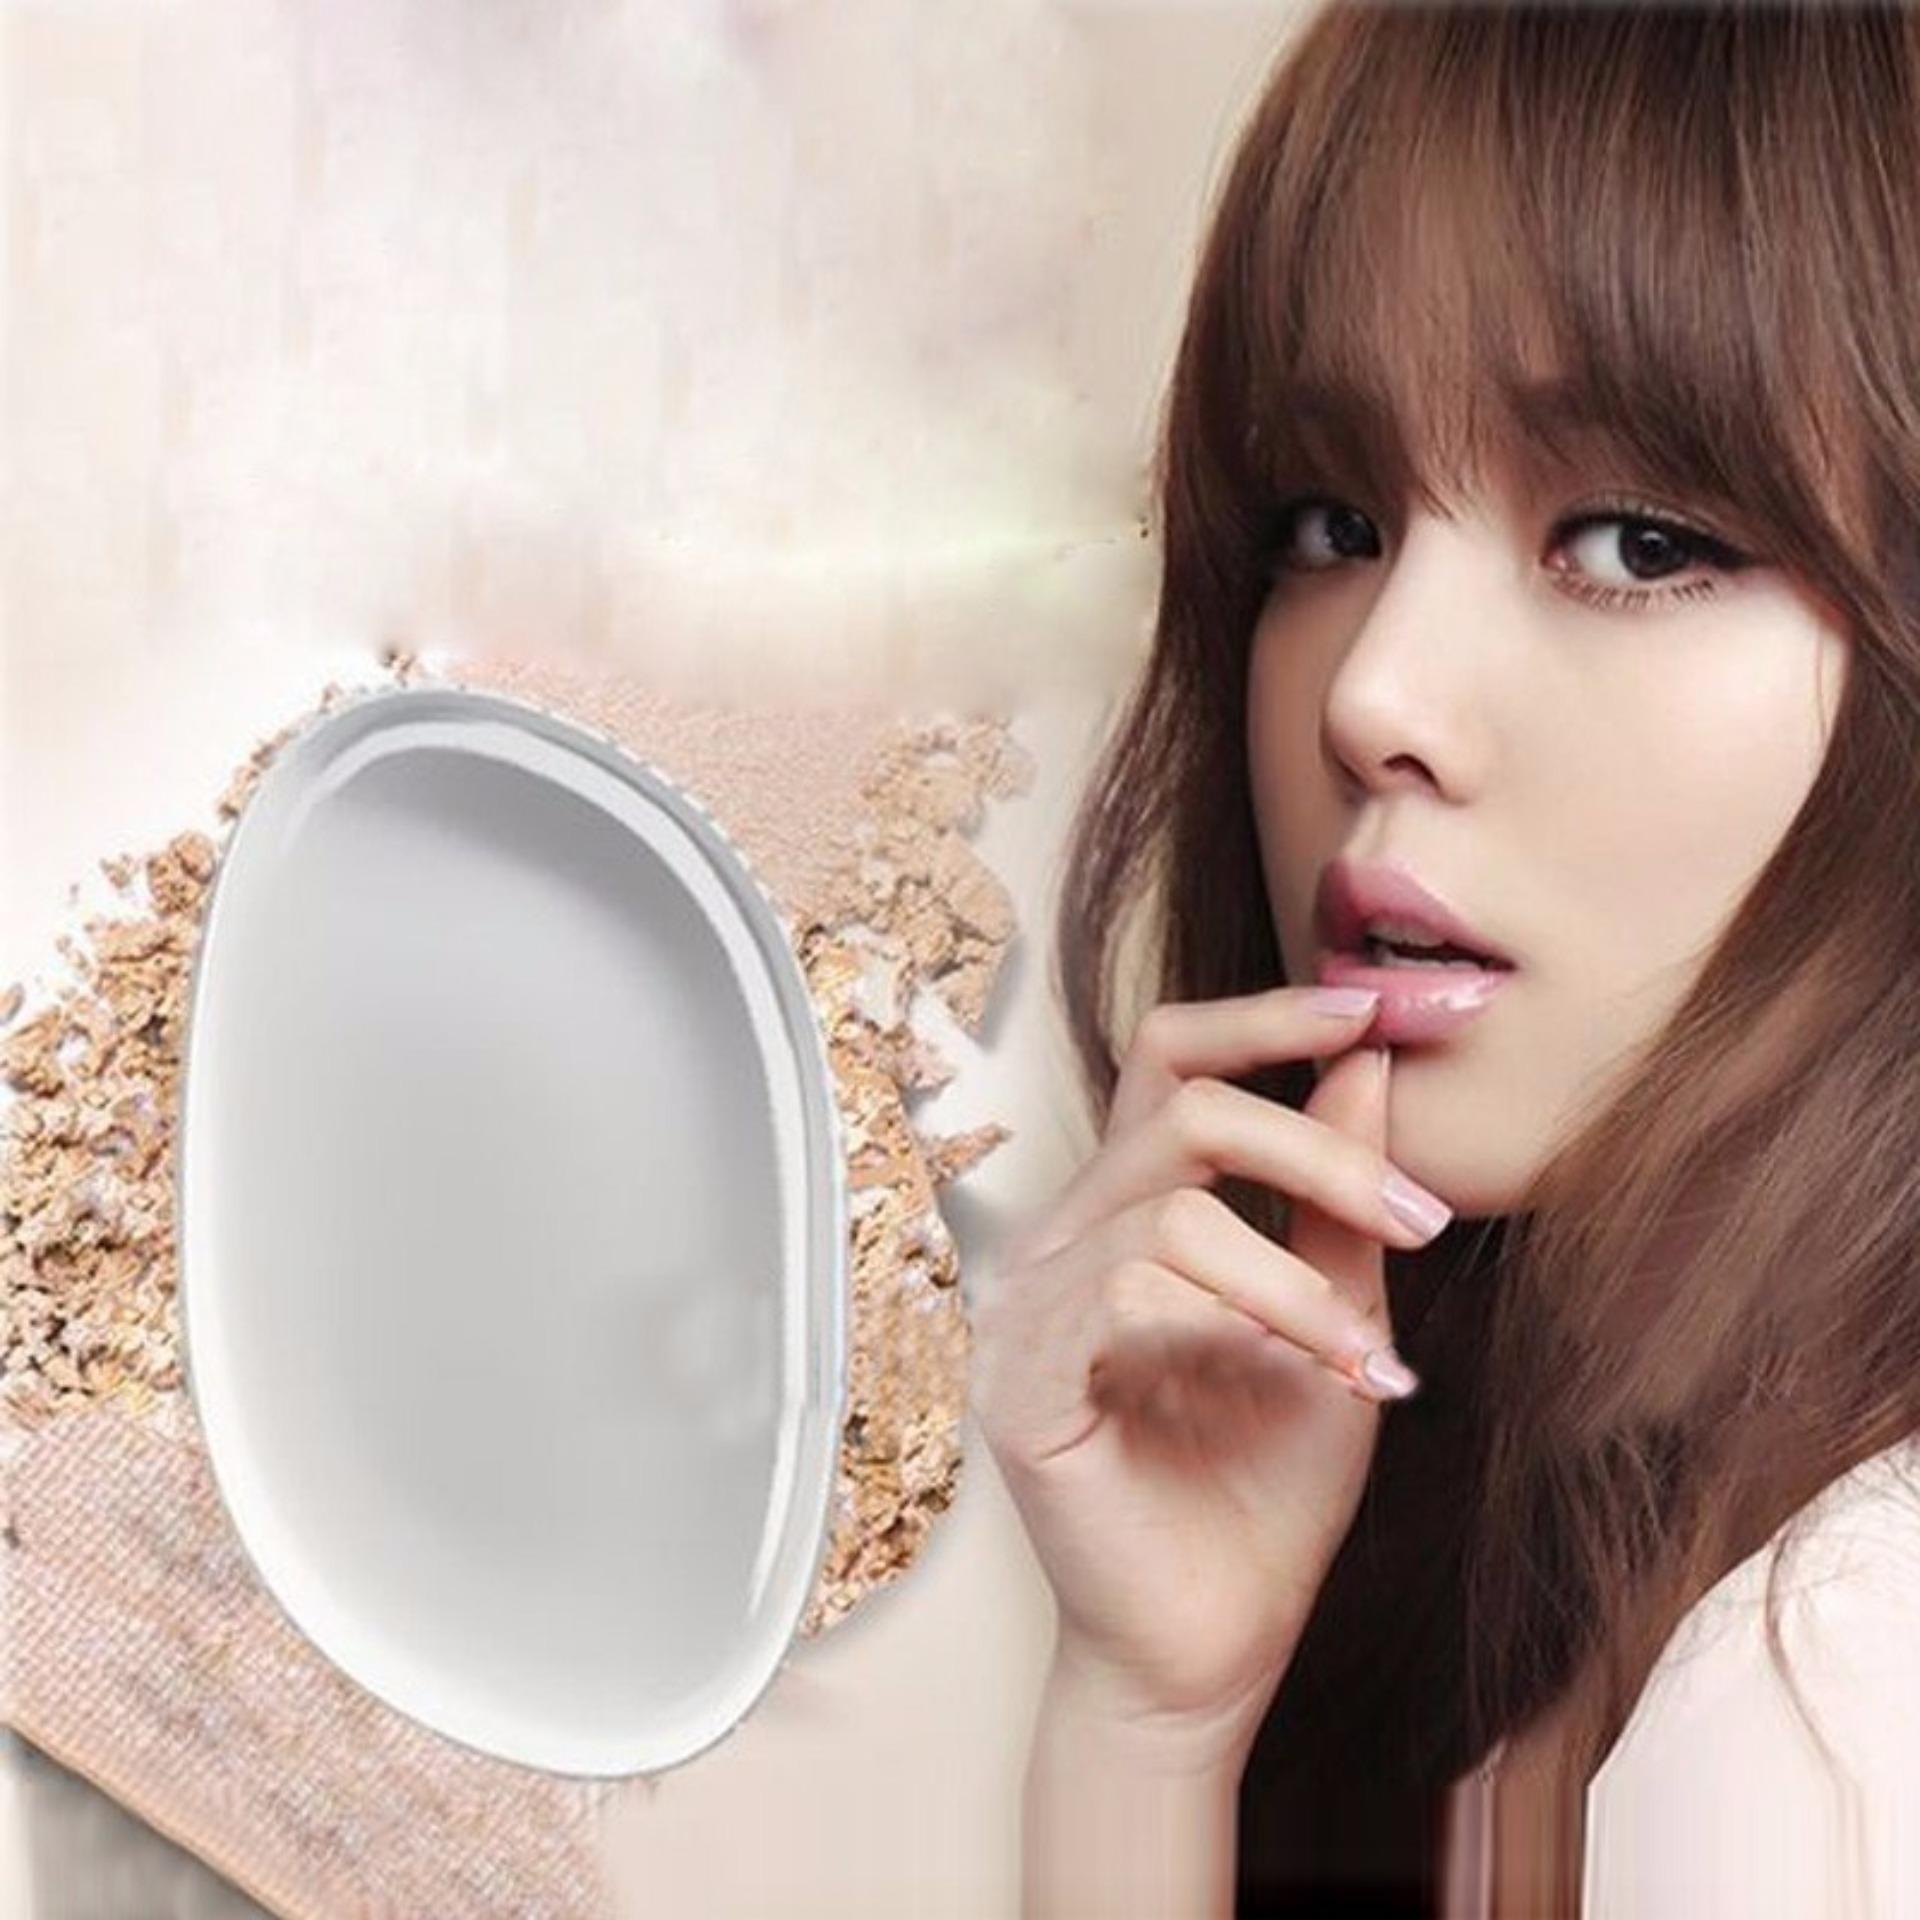 Silicon Sponge Puff Silikon Beauty Blender Makeup Bening Silisponge Oval Silicone Transparant